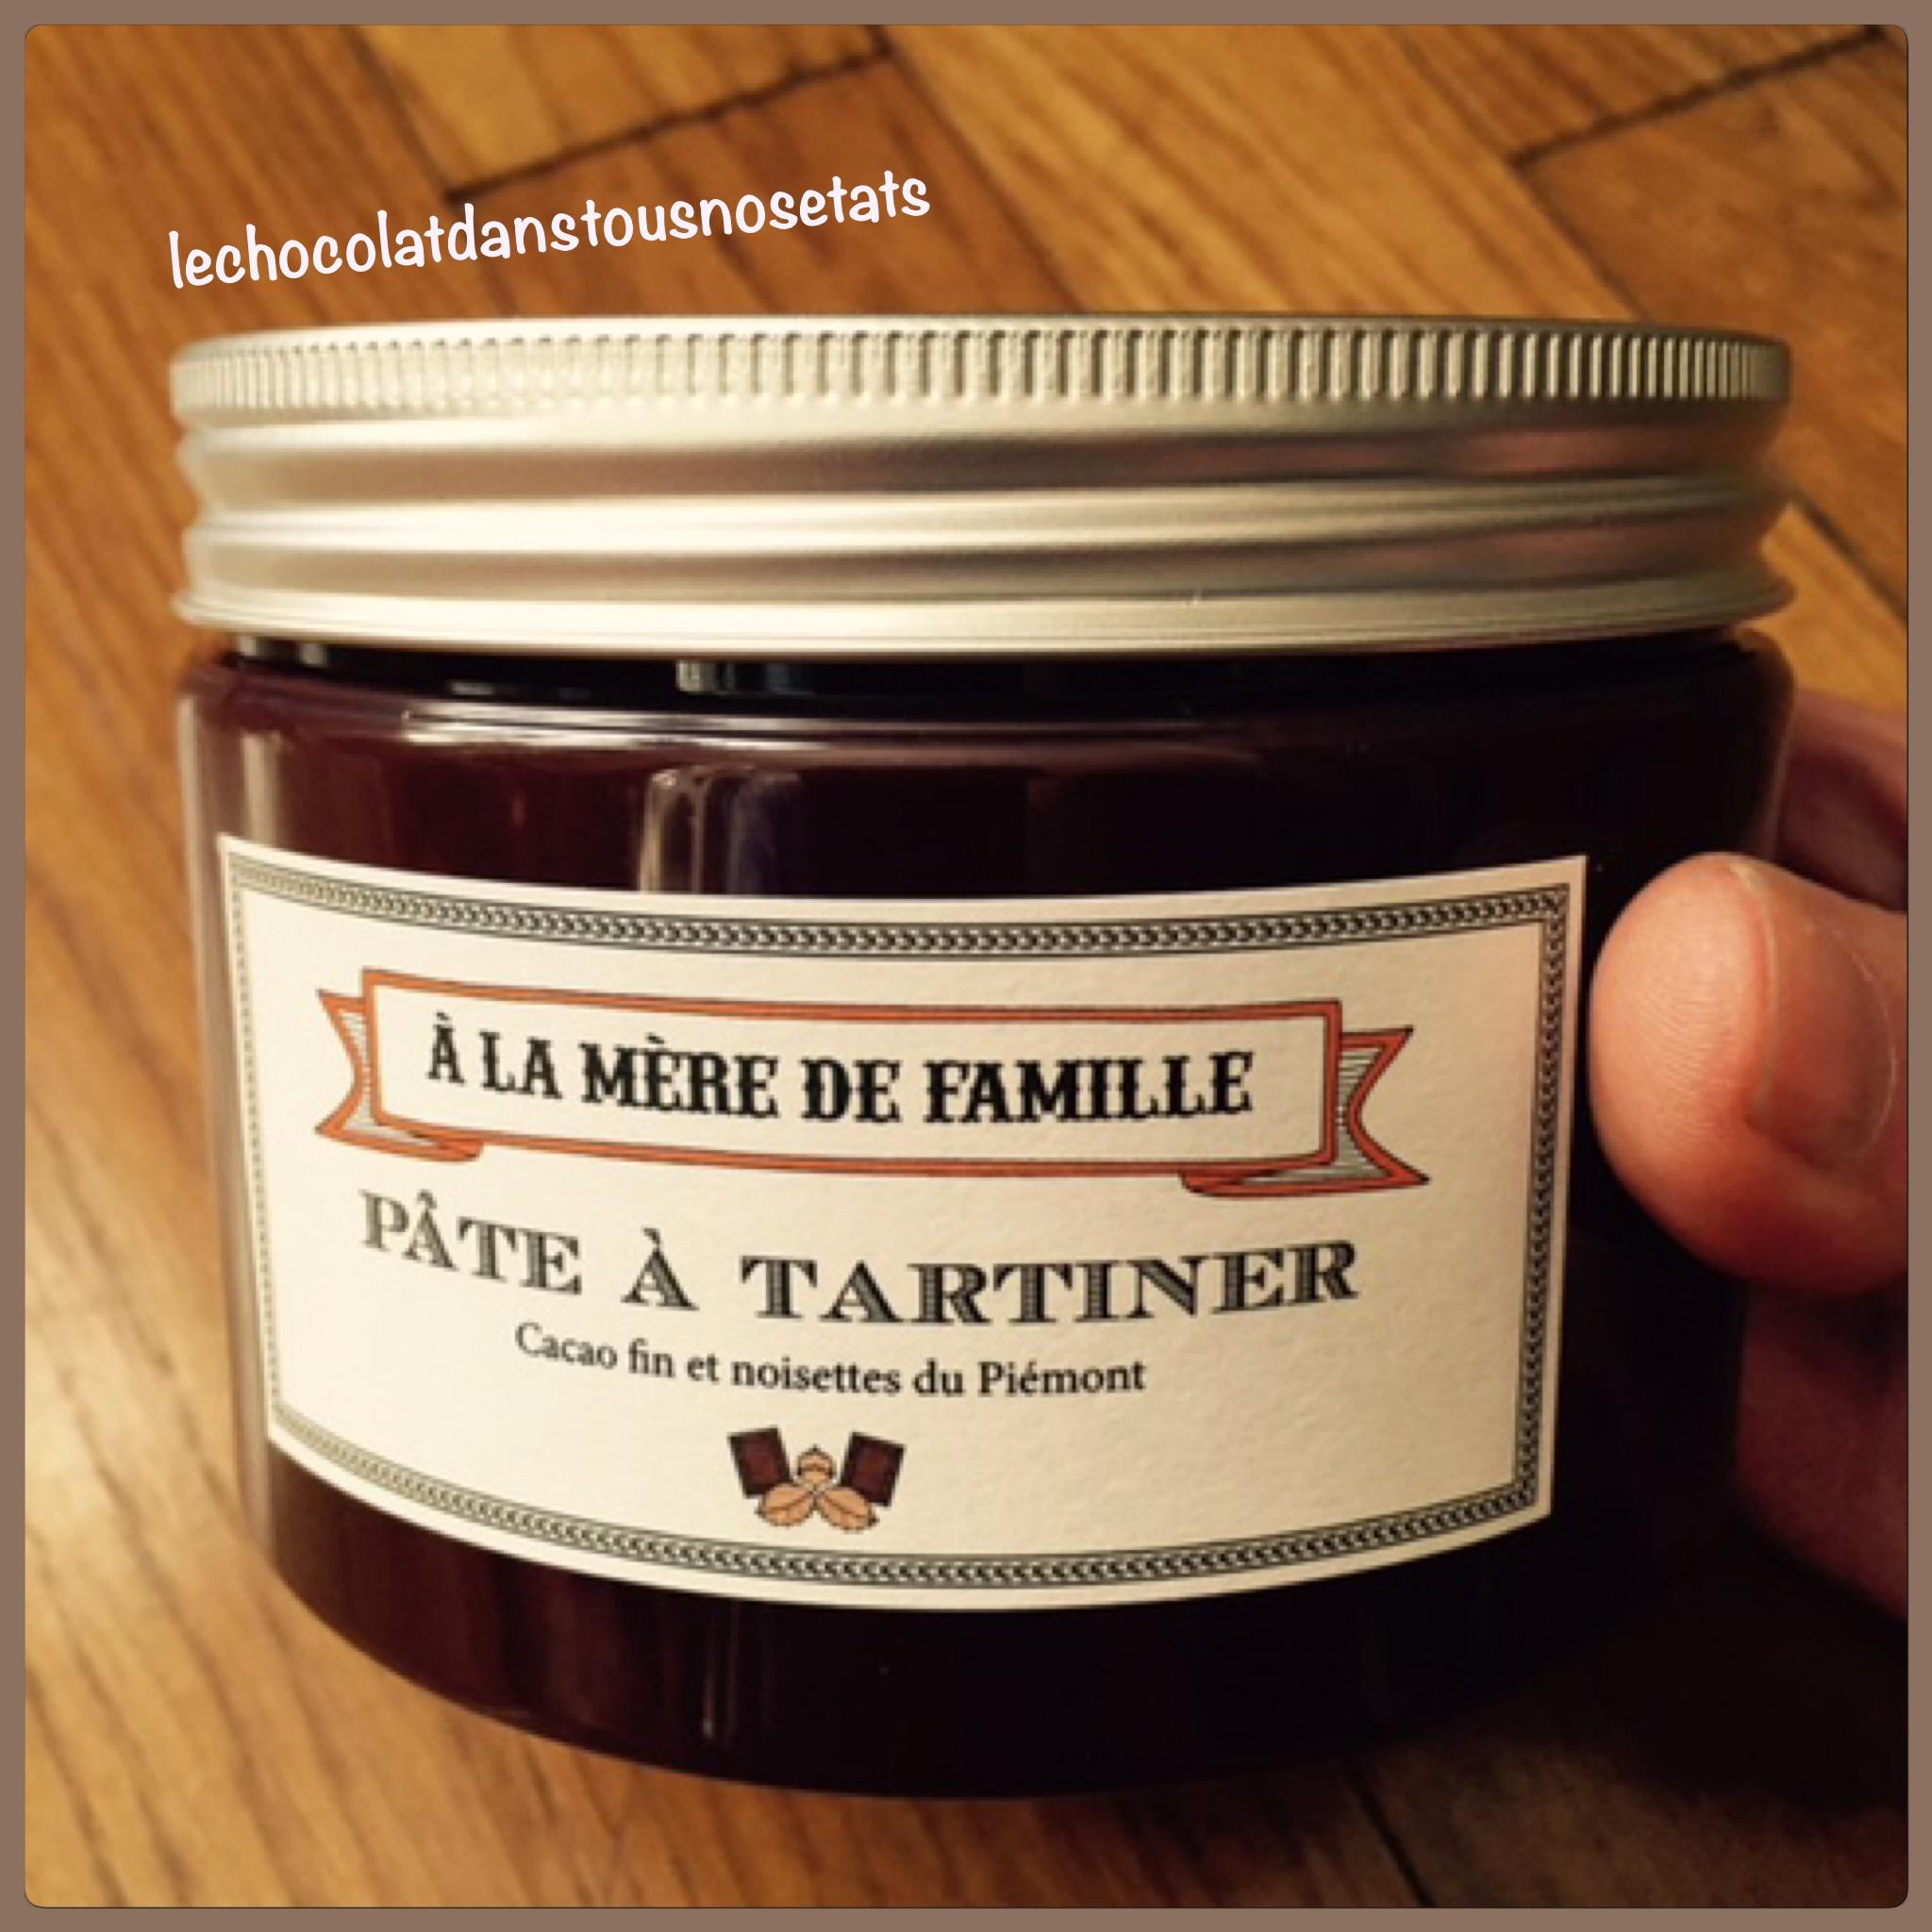 La pâte à tartiner, A la mère de famille, Paris